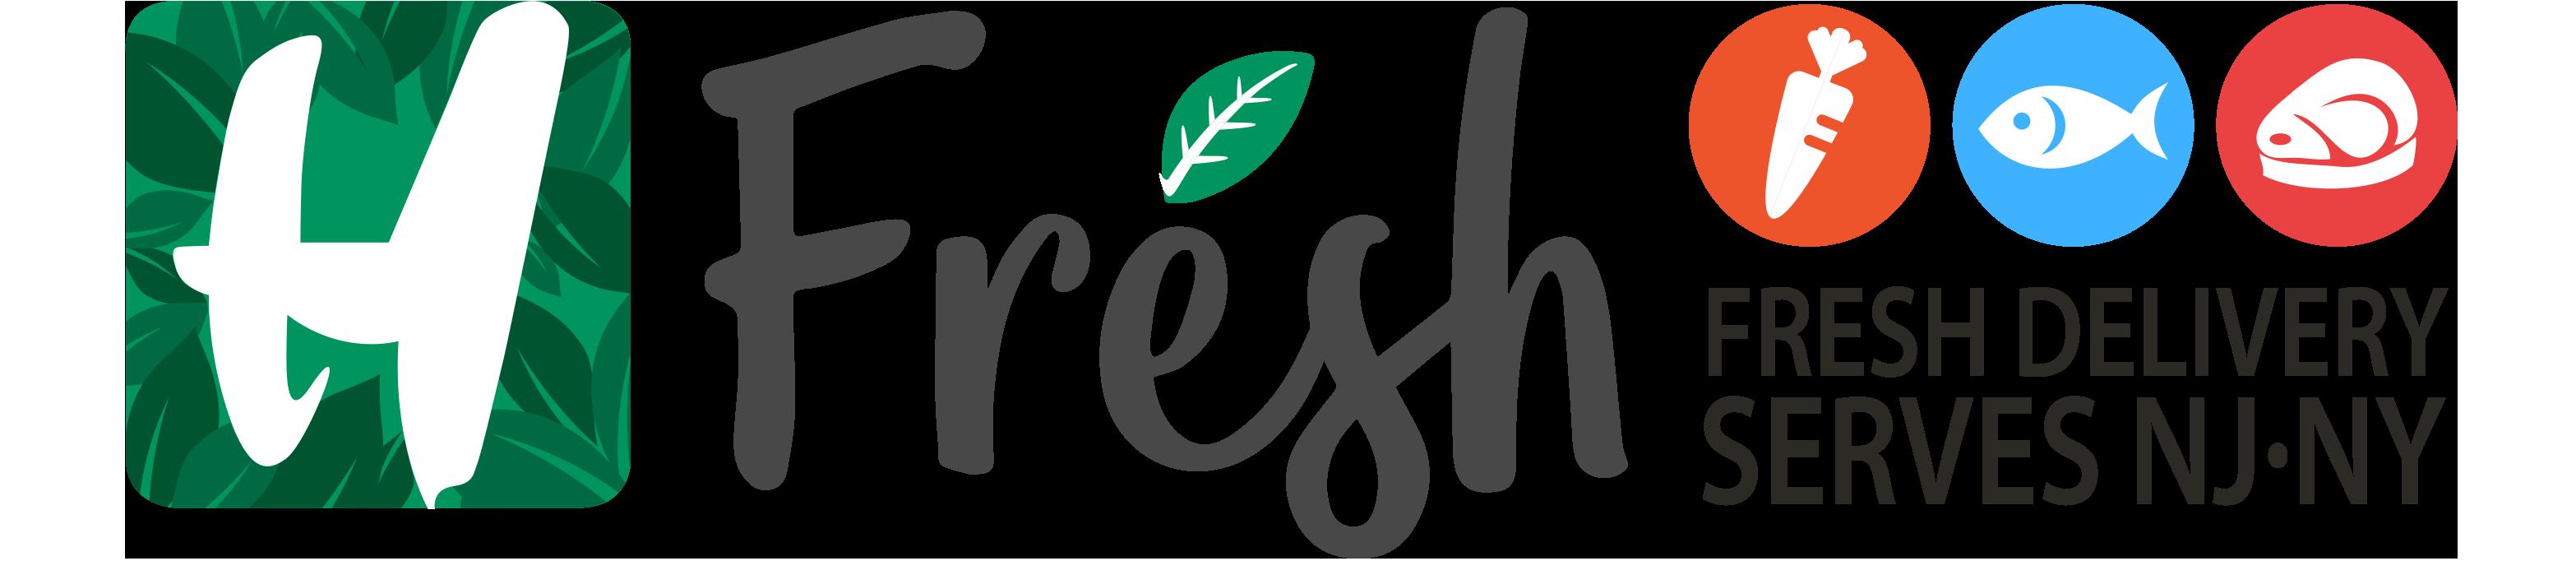 Hfresh